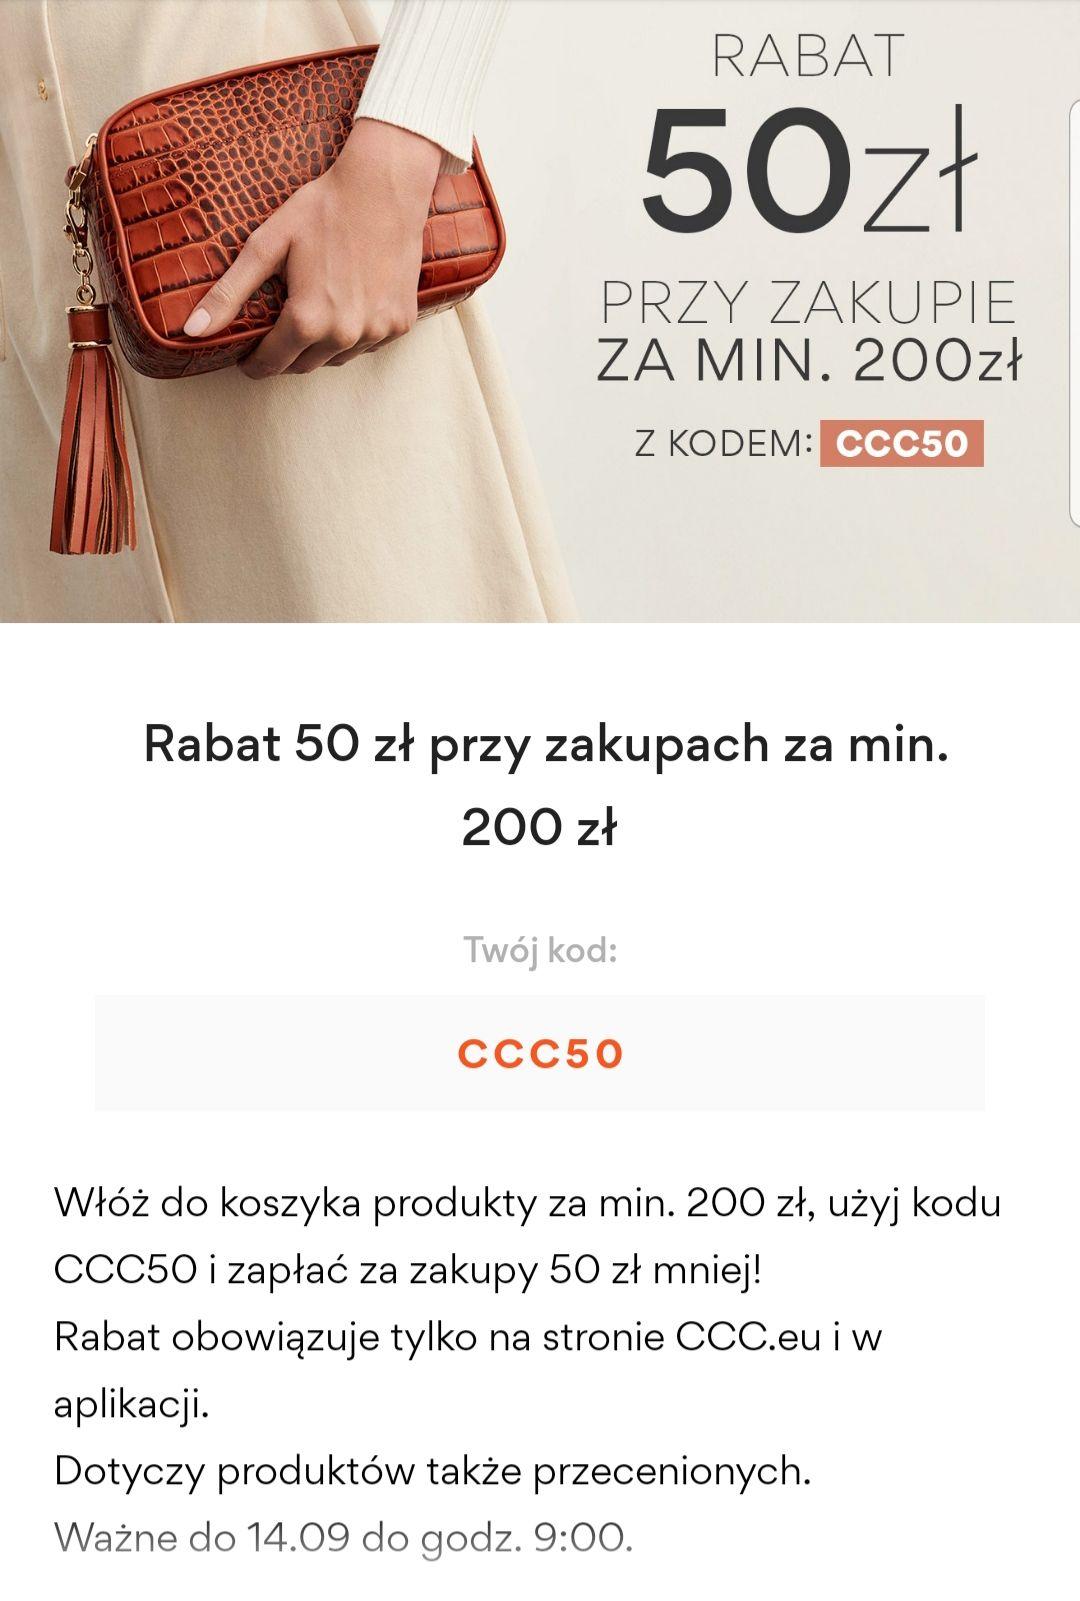 Rabat 50 zł przy MWZ 200 na zakupy w apce lub na stronie CCC